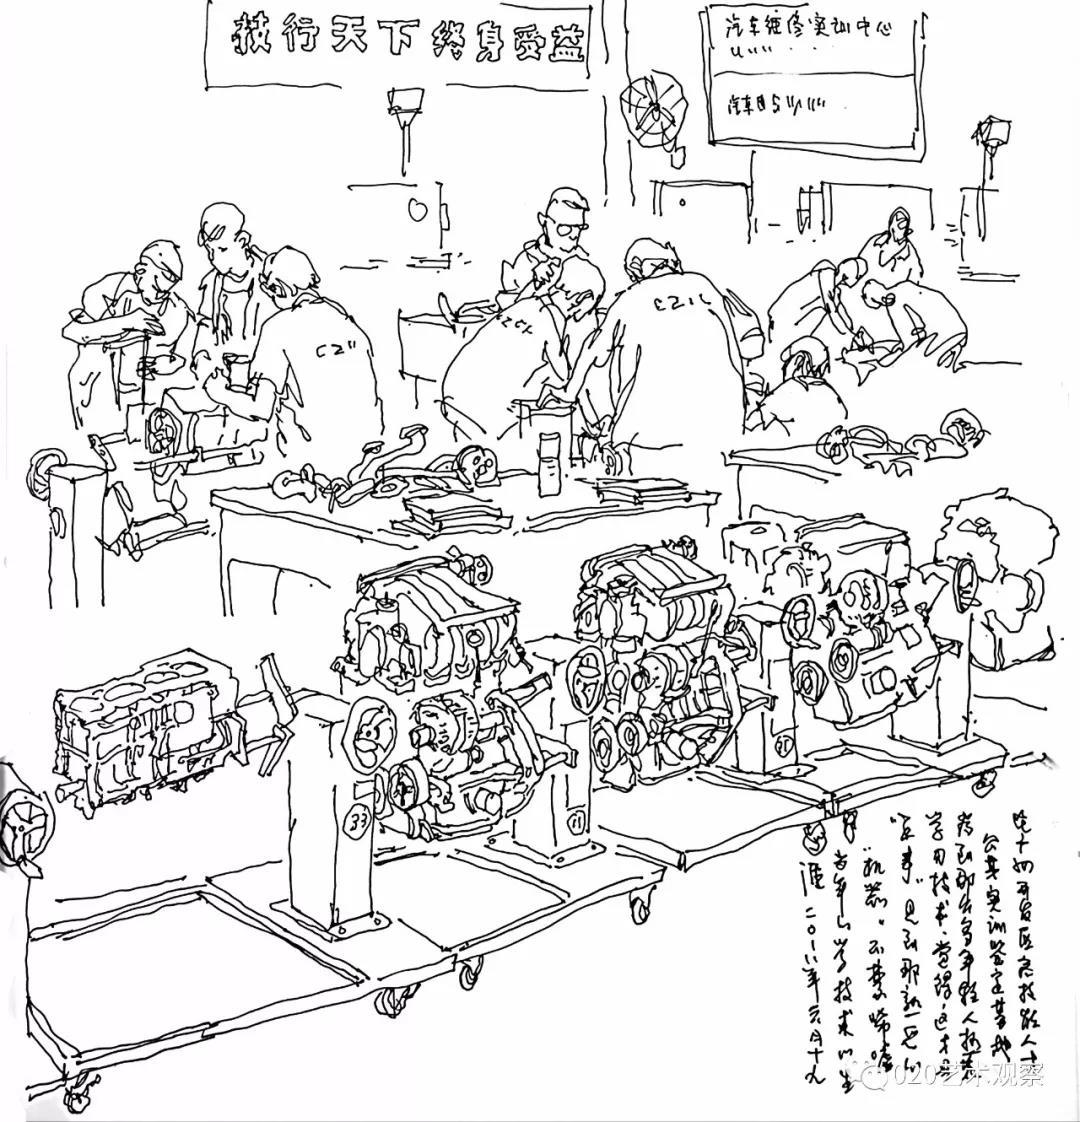 时代•生活——第四届广州速写作品展入选名单︱速写走进黄埔,了解时代高科技